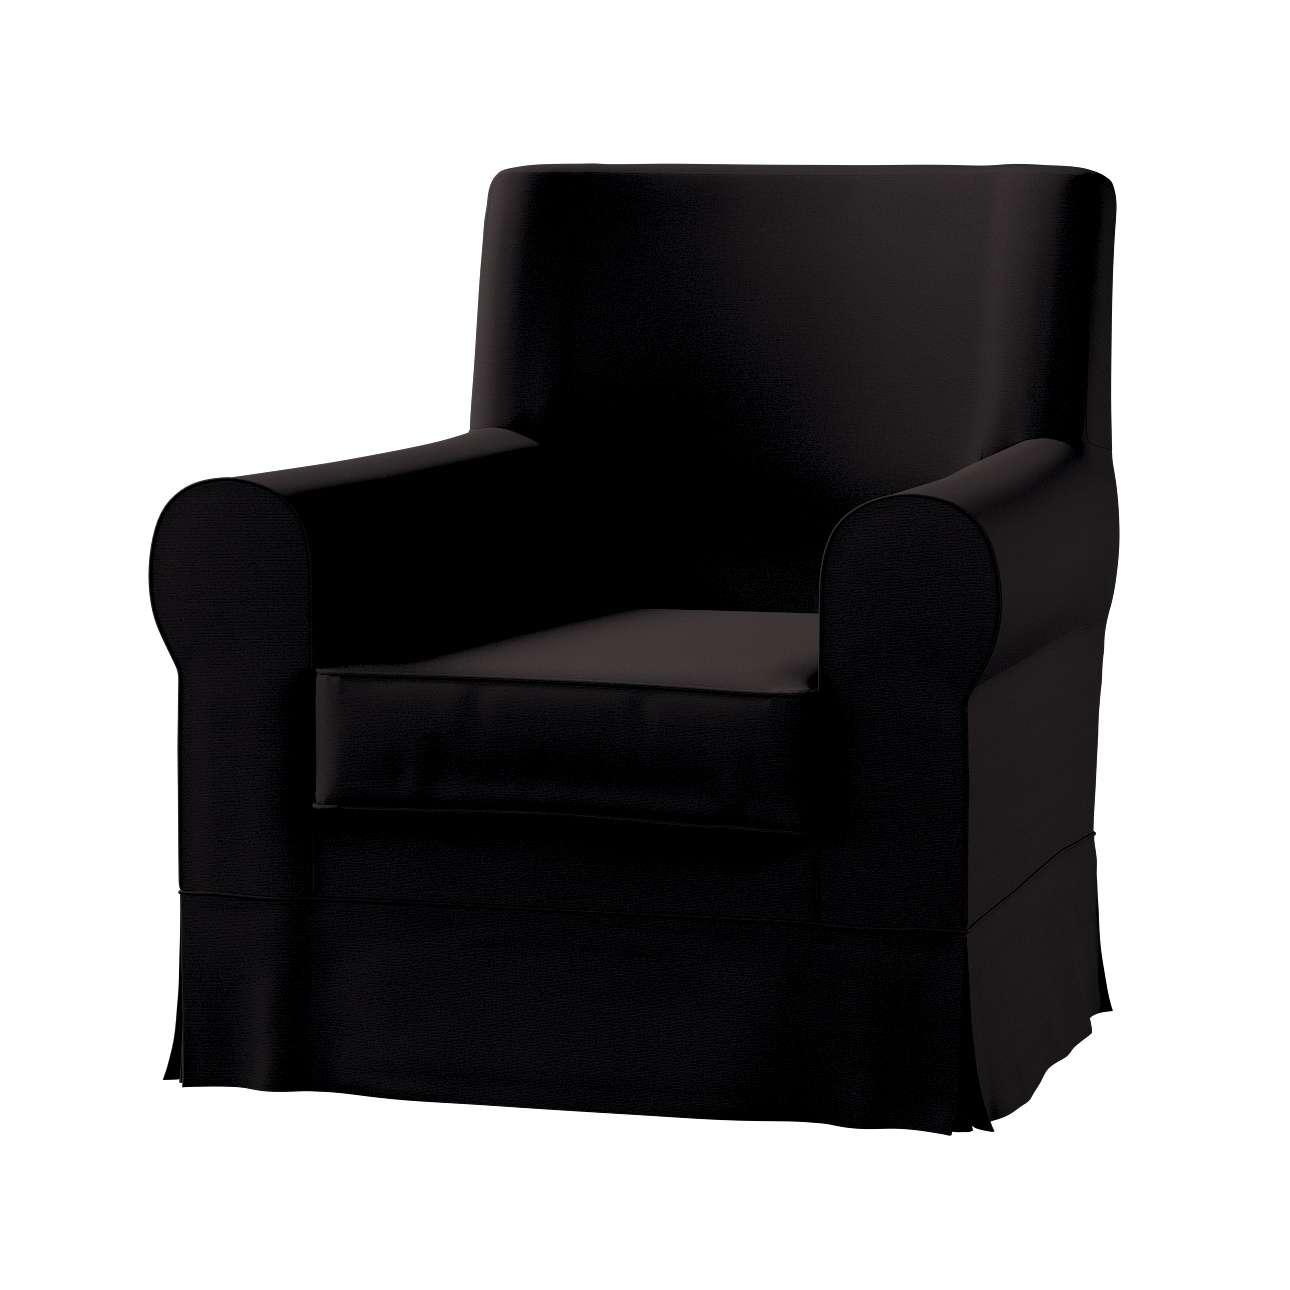 Pokrowiec na fotel Ektorp Jennylund Fotel Ektorp Jennylund w kolekcji Cotton Panama, tkanina: 702-09